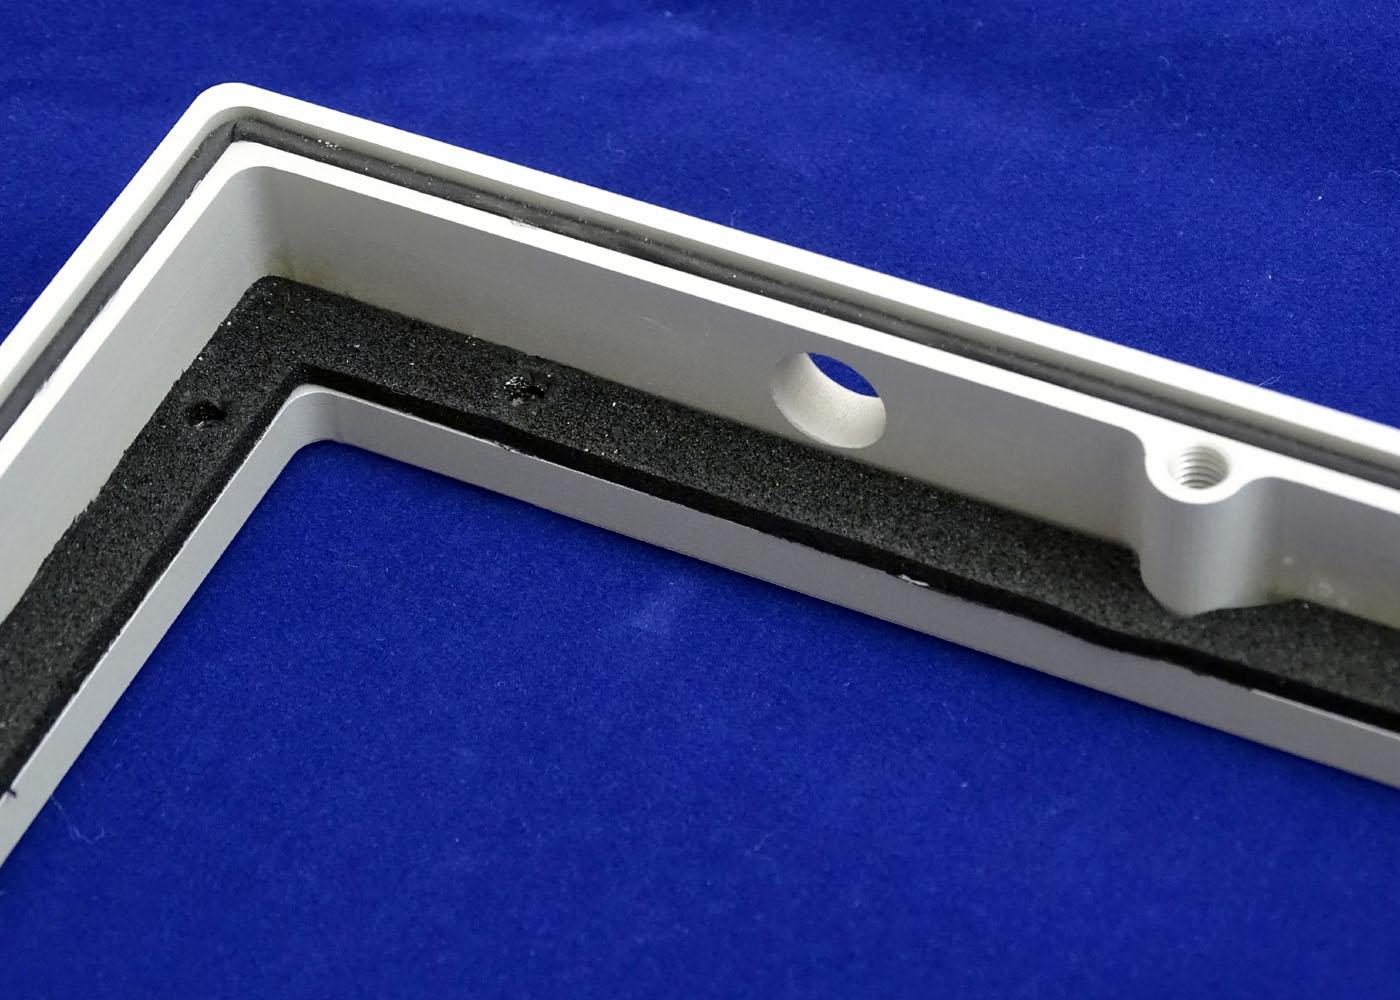 NX5600 – boîtier aluminium usiné, micro-billé et anodisé